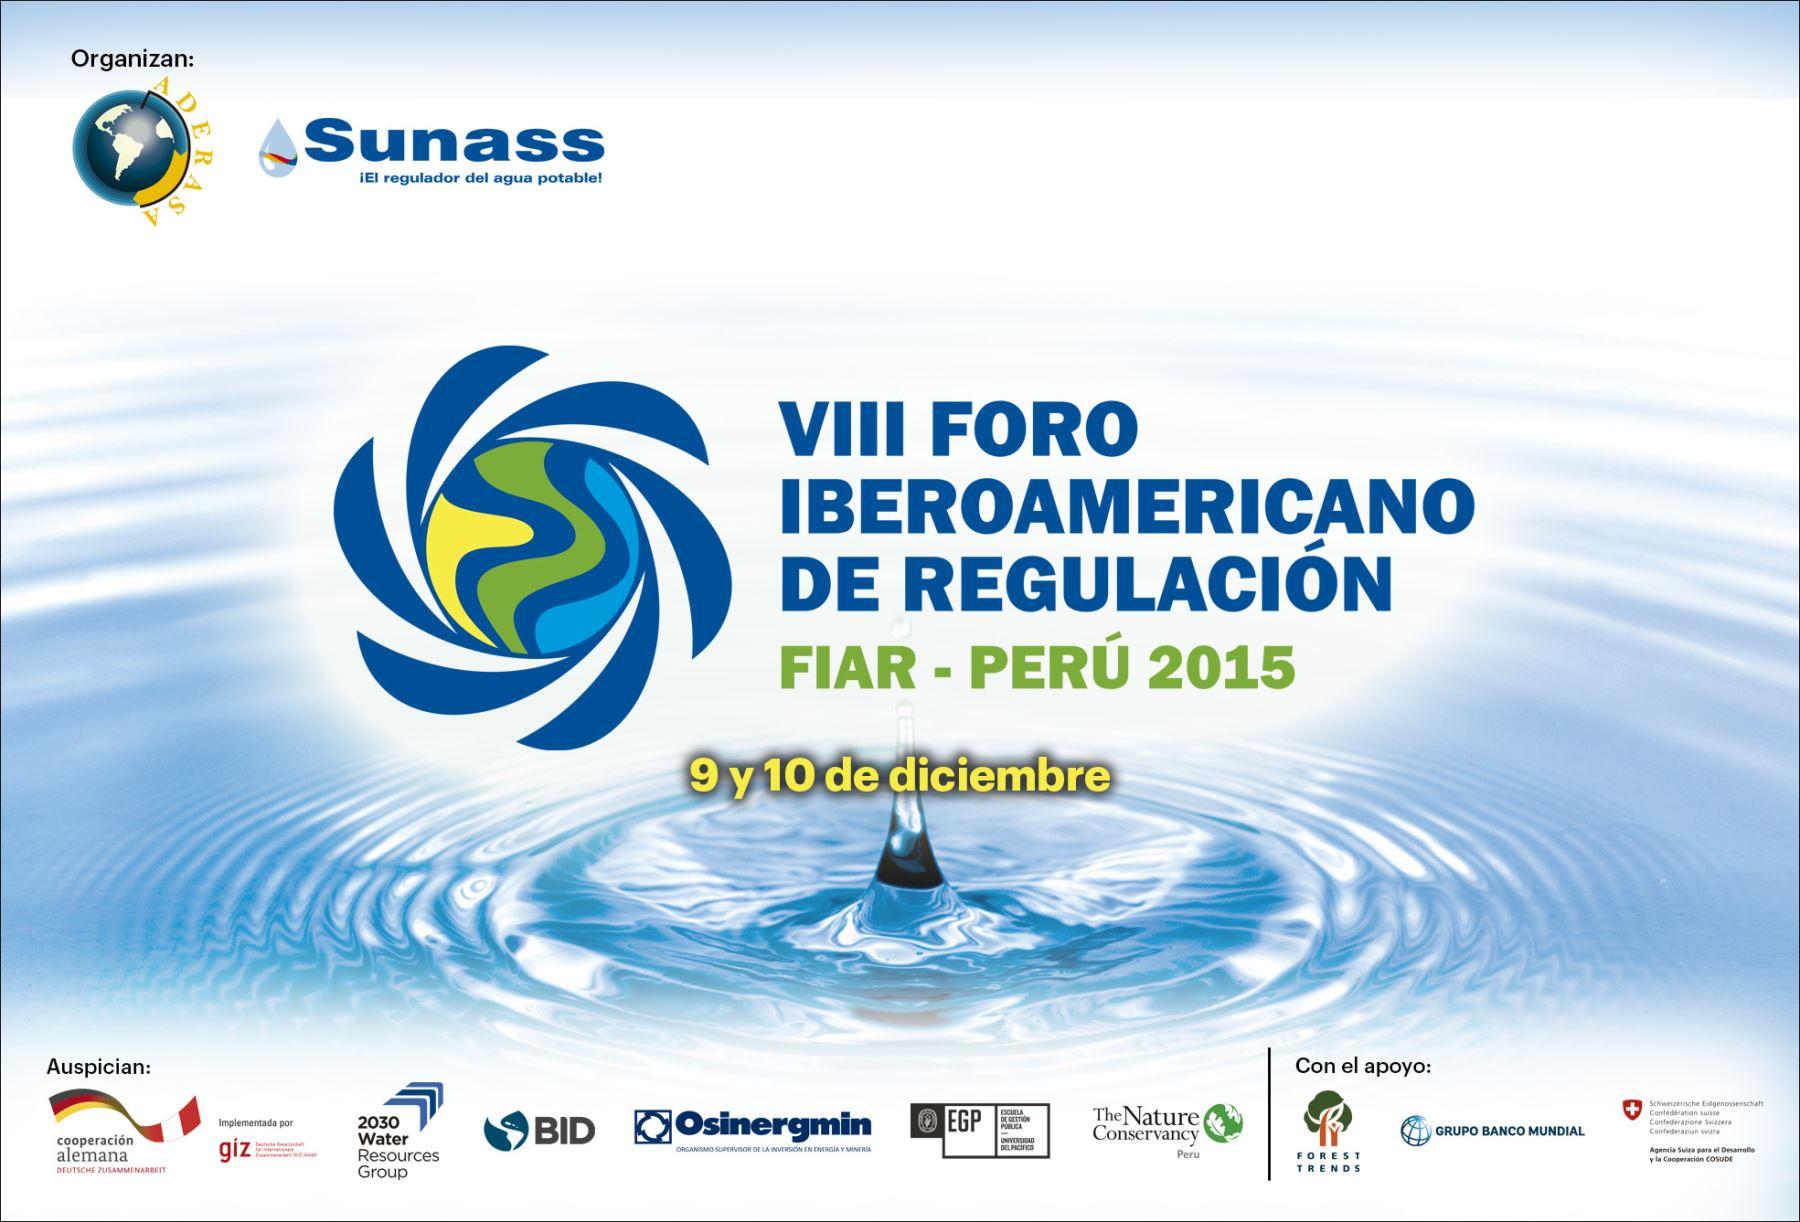 Foro Iberoamericano sobre regulación de recursos hídricos